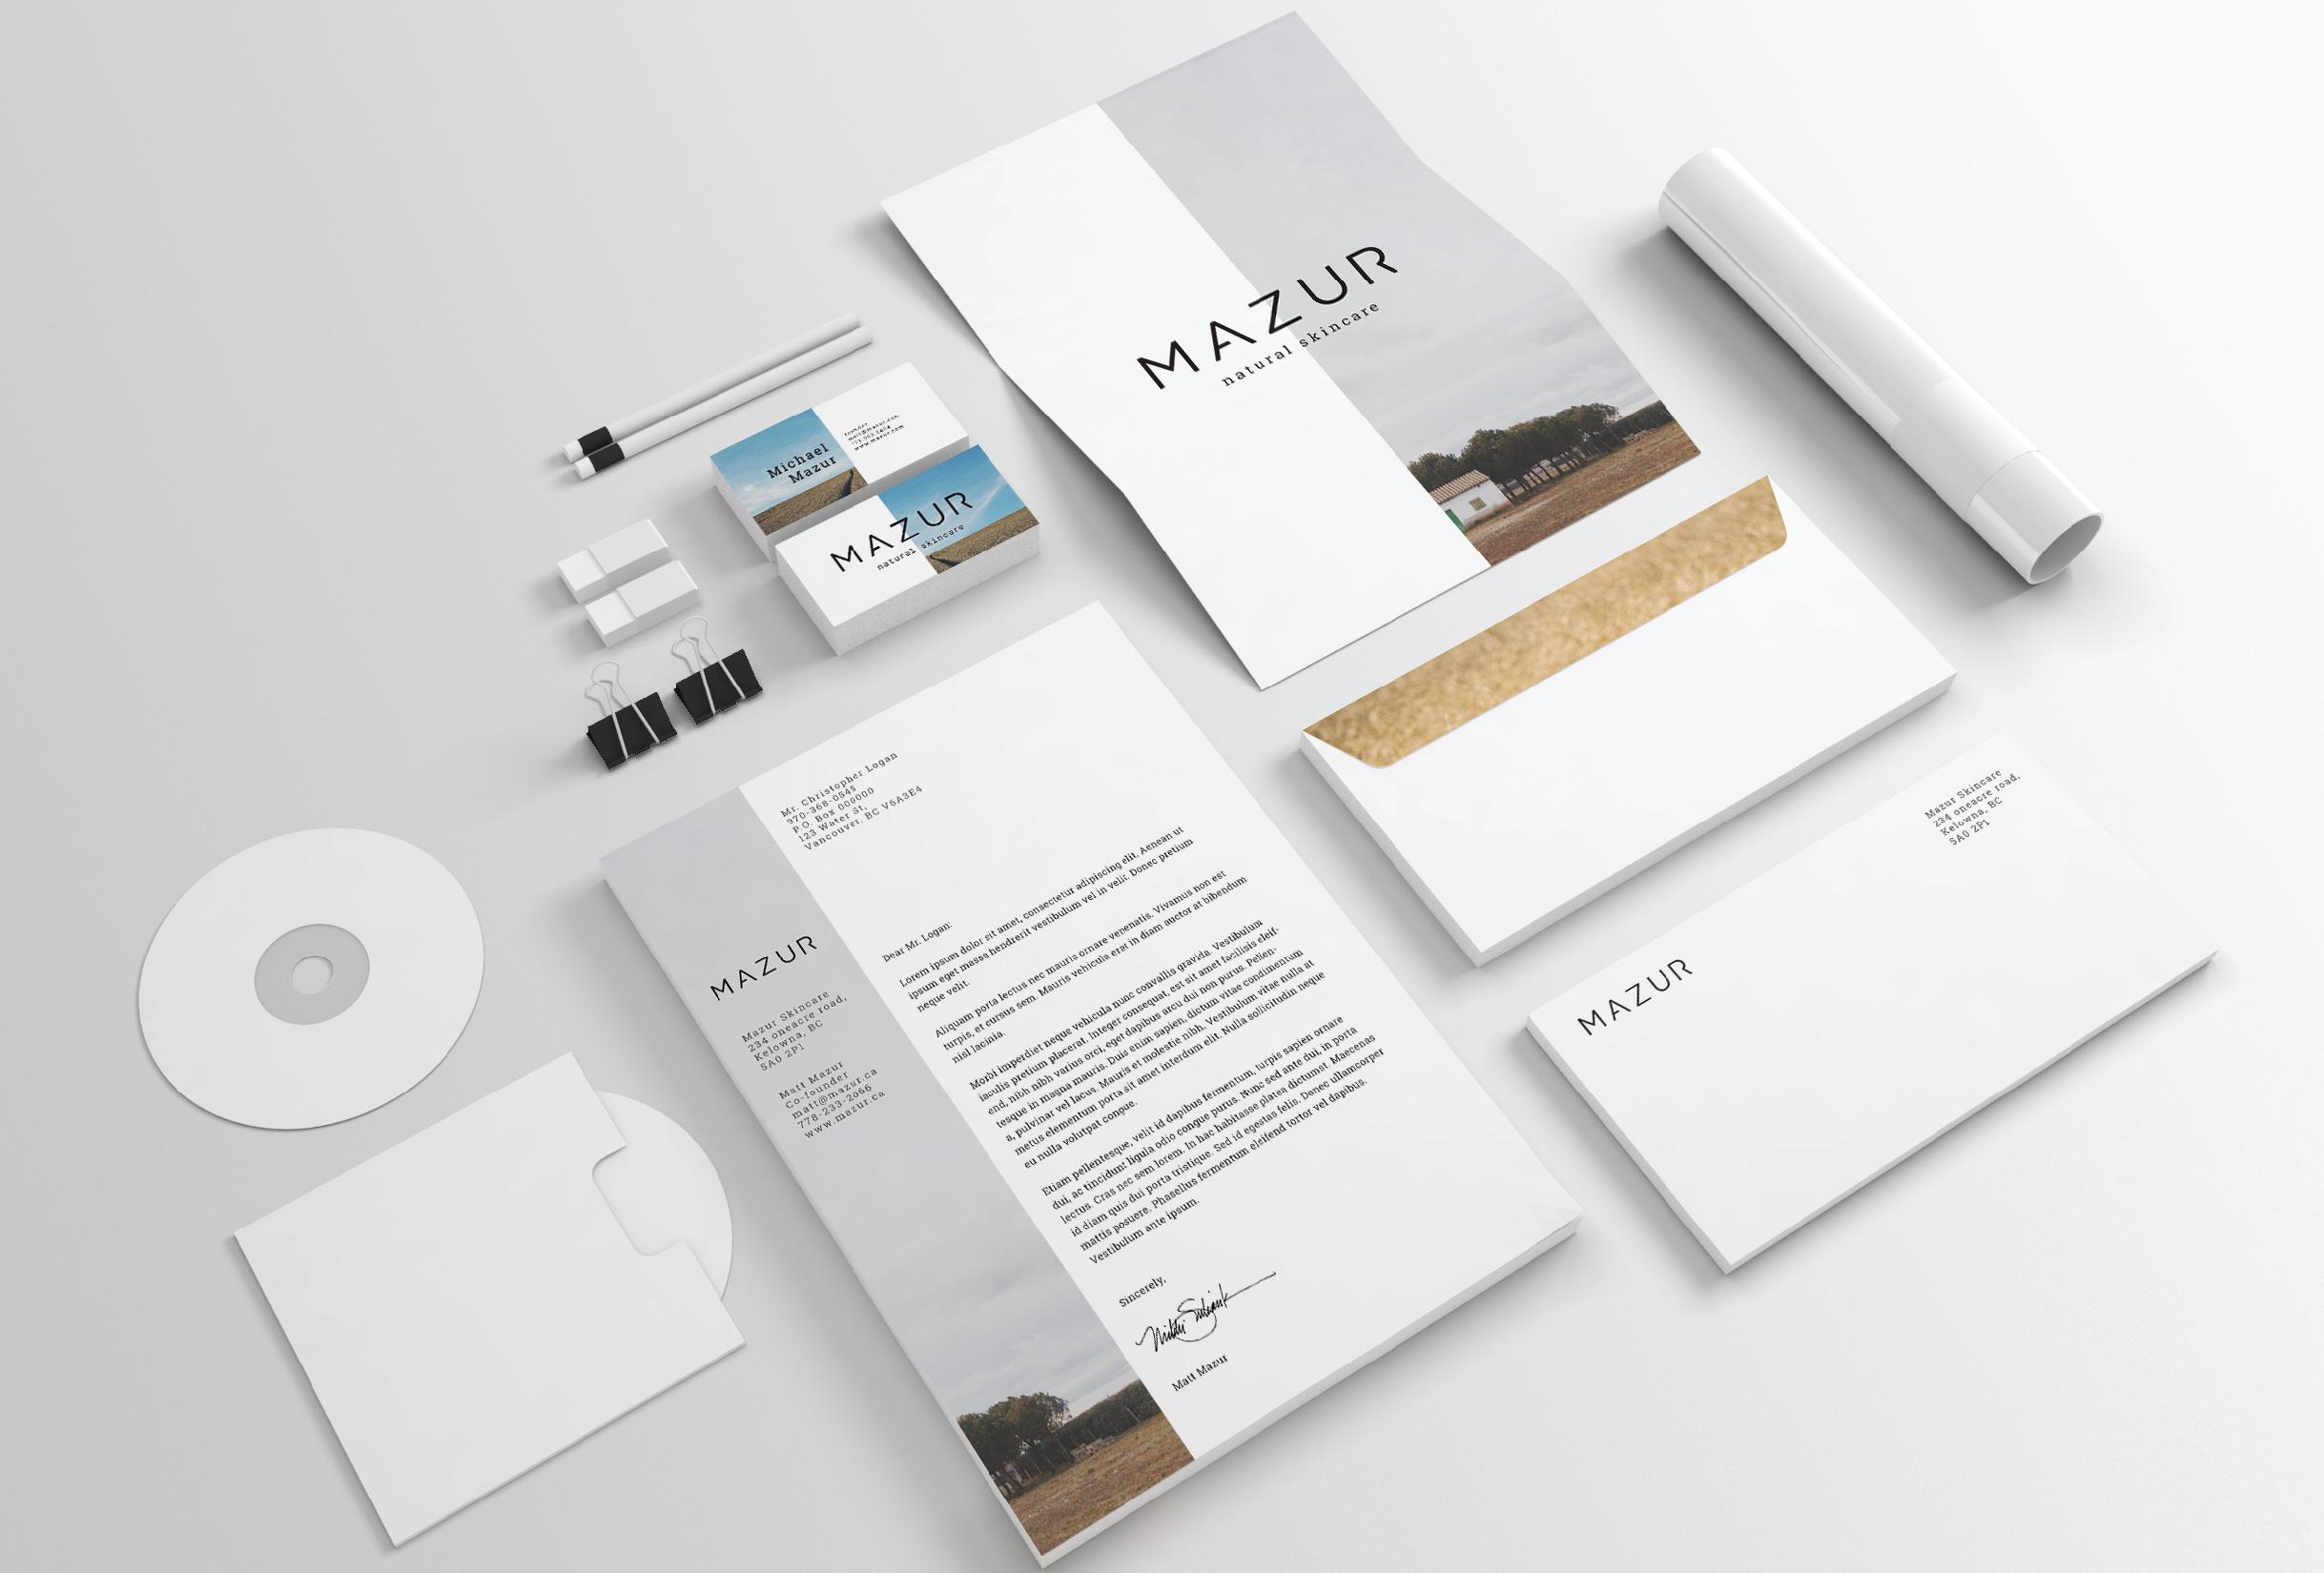 mazur-05